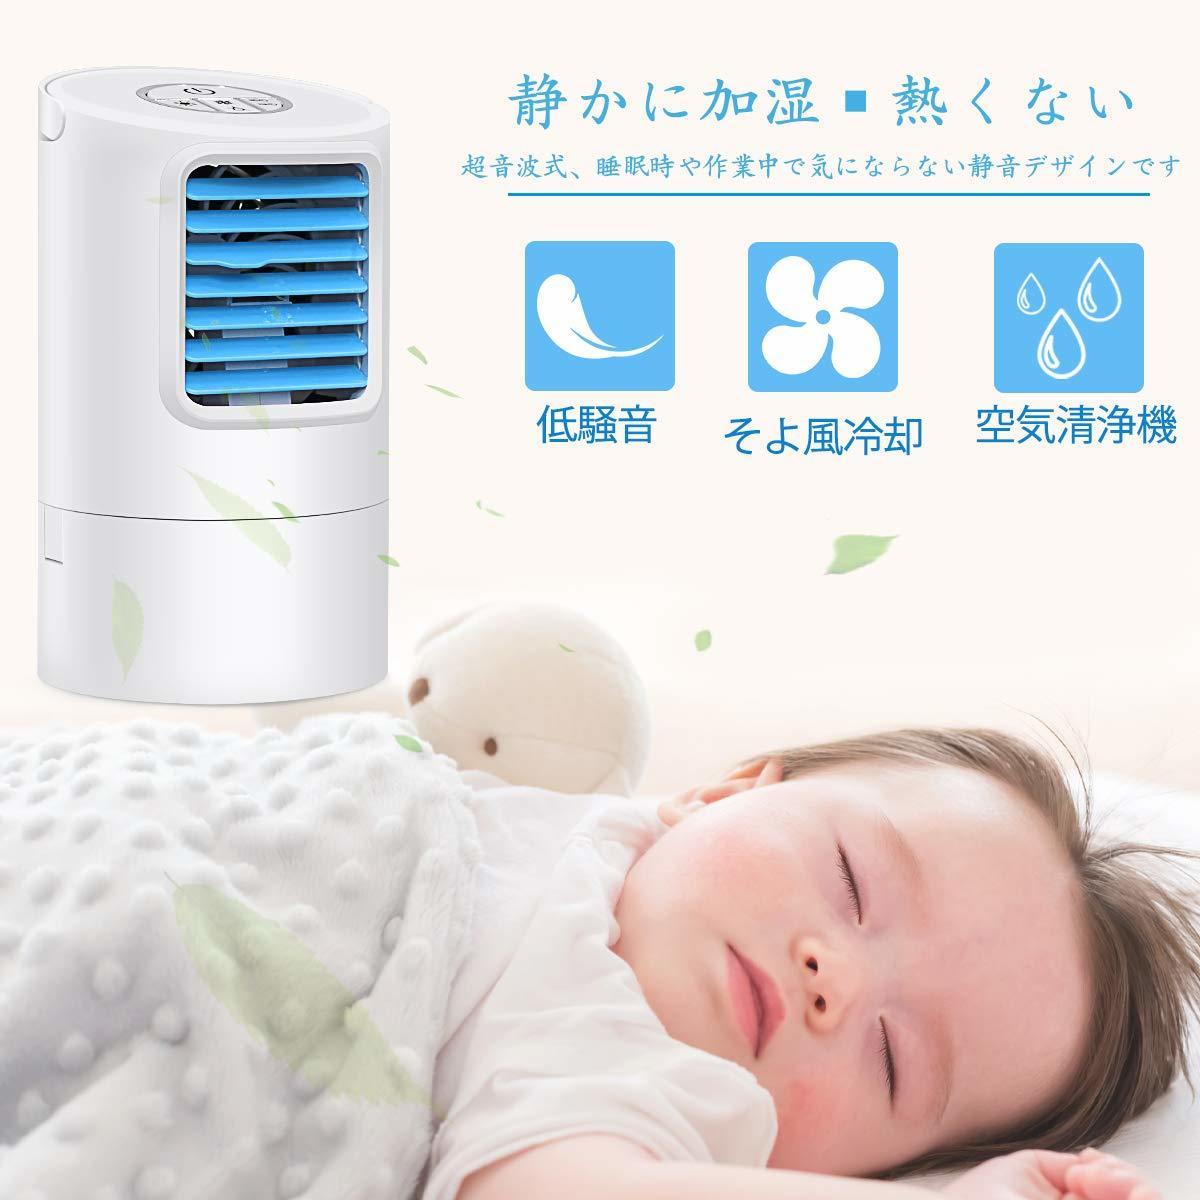 送料無料♪【0119】冷風扇 冷風機 卓上 扇風機 省エネ ミニファンポータブル エアコン 小型クーラー 冷却 空気清浄機 日本語取扱説明書_画像3